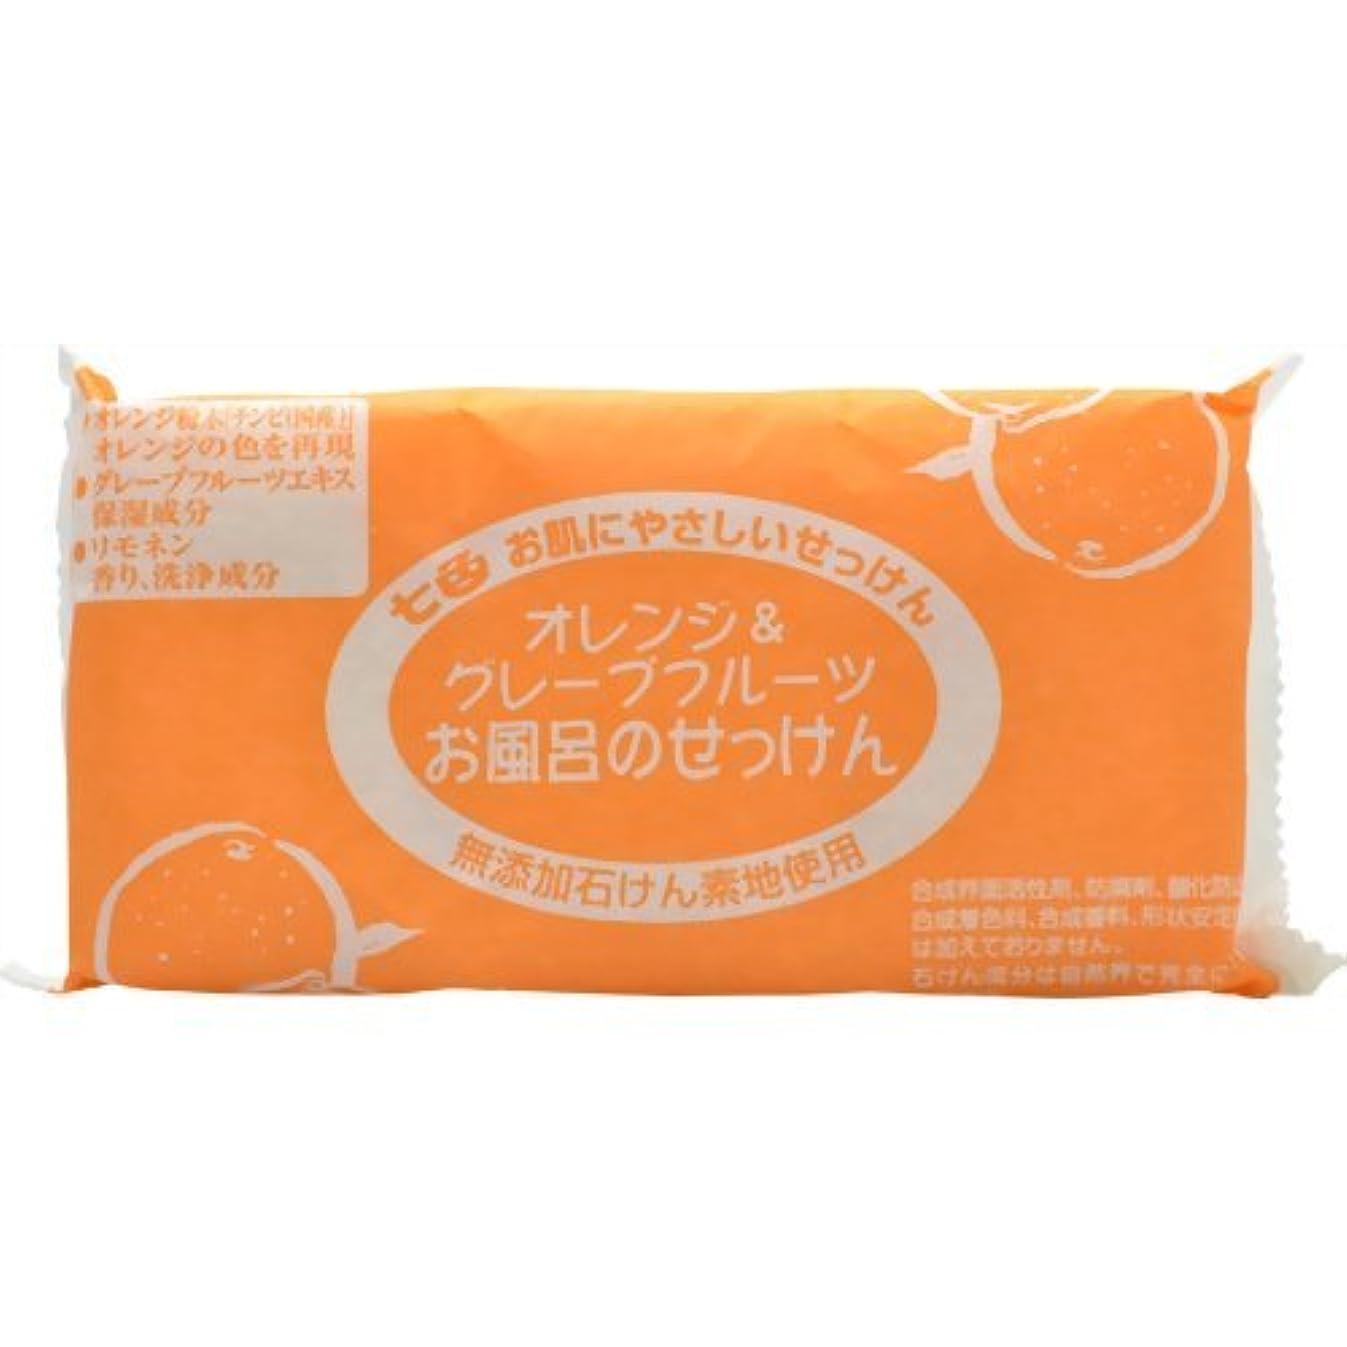 宝アシュリータファーマン顕著まるは オレンジ&グレープフルーツ お風呂の石鹸 3個入り